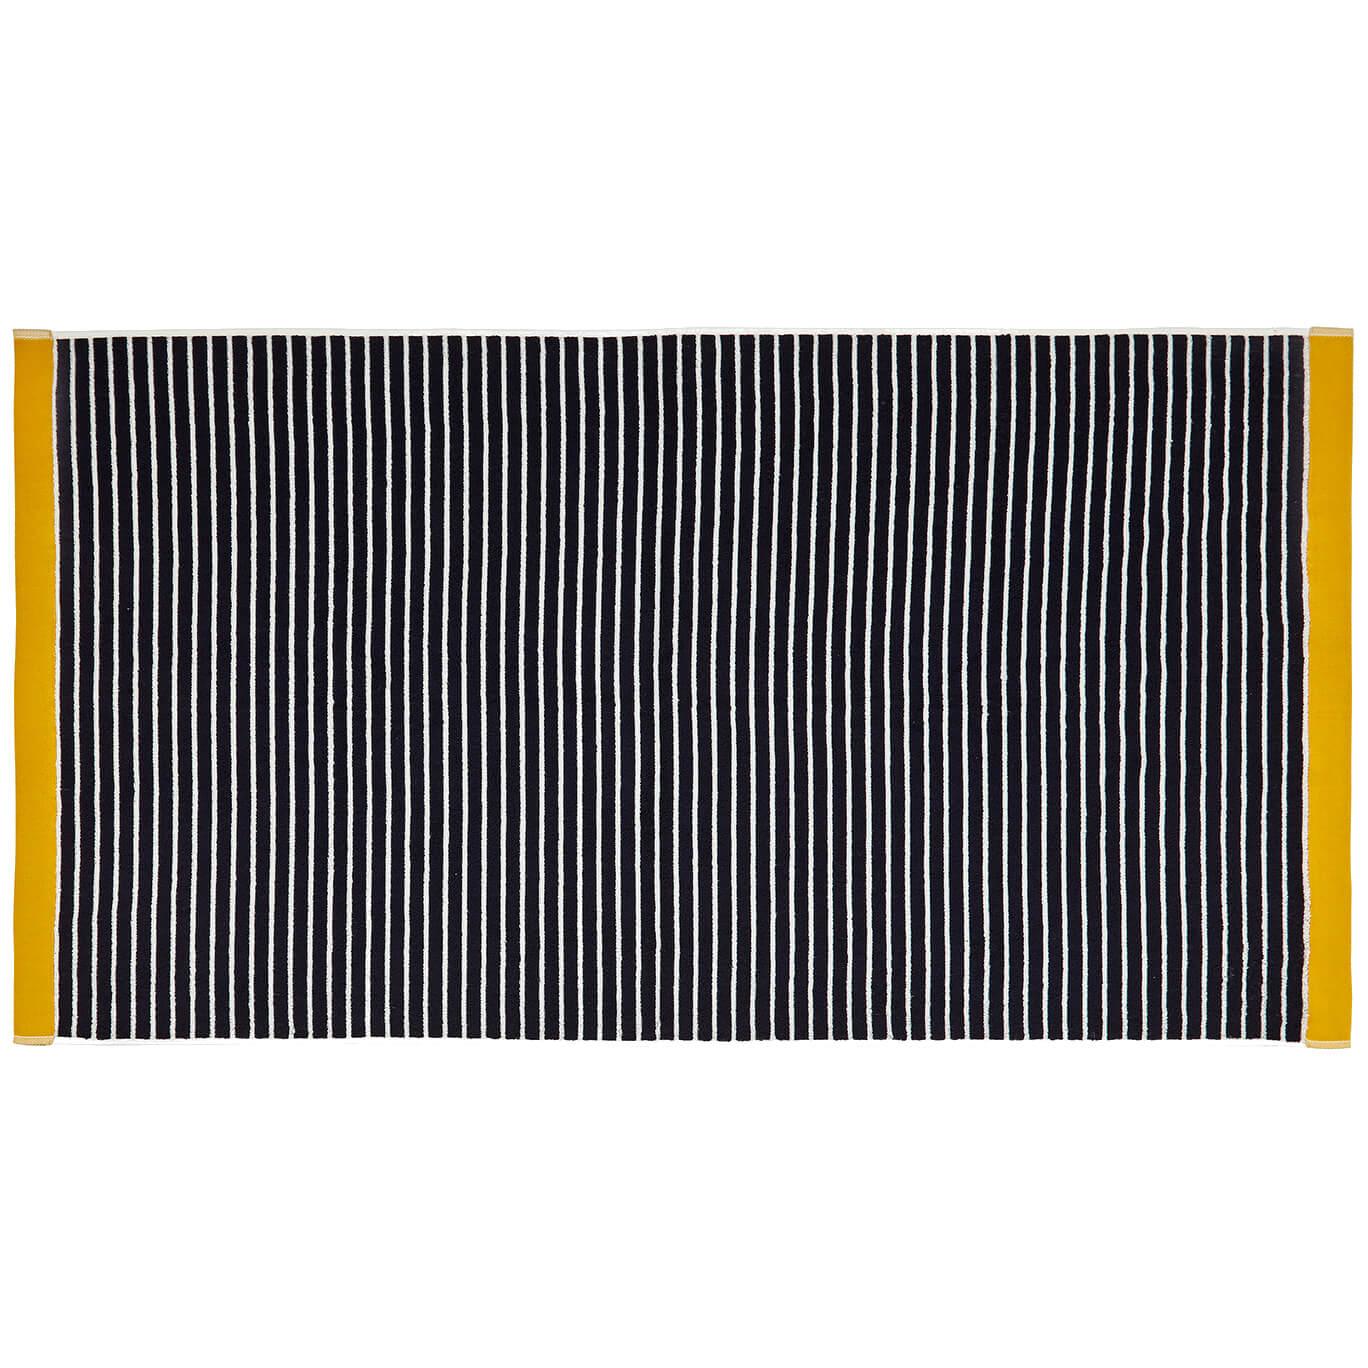 Joules Kensington Stripe Towels - Navy - Hand Towel